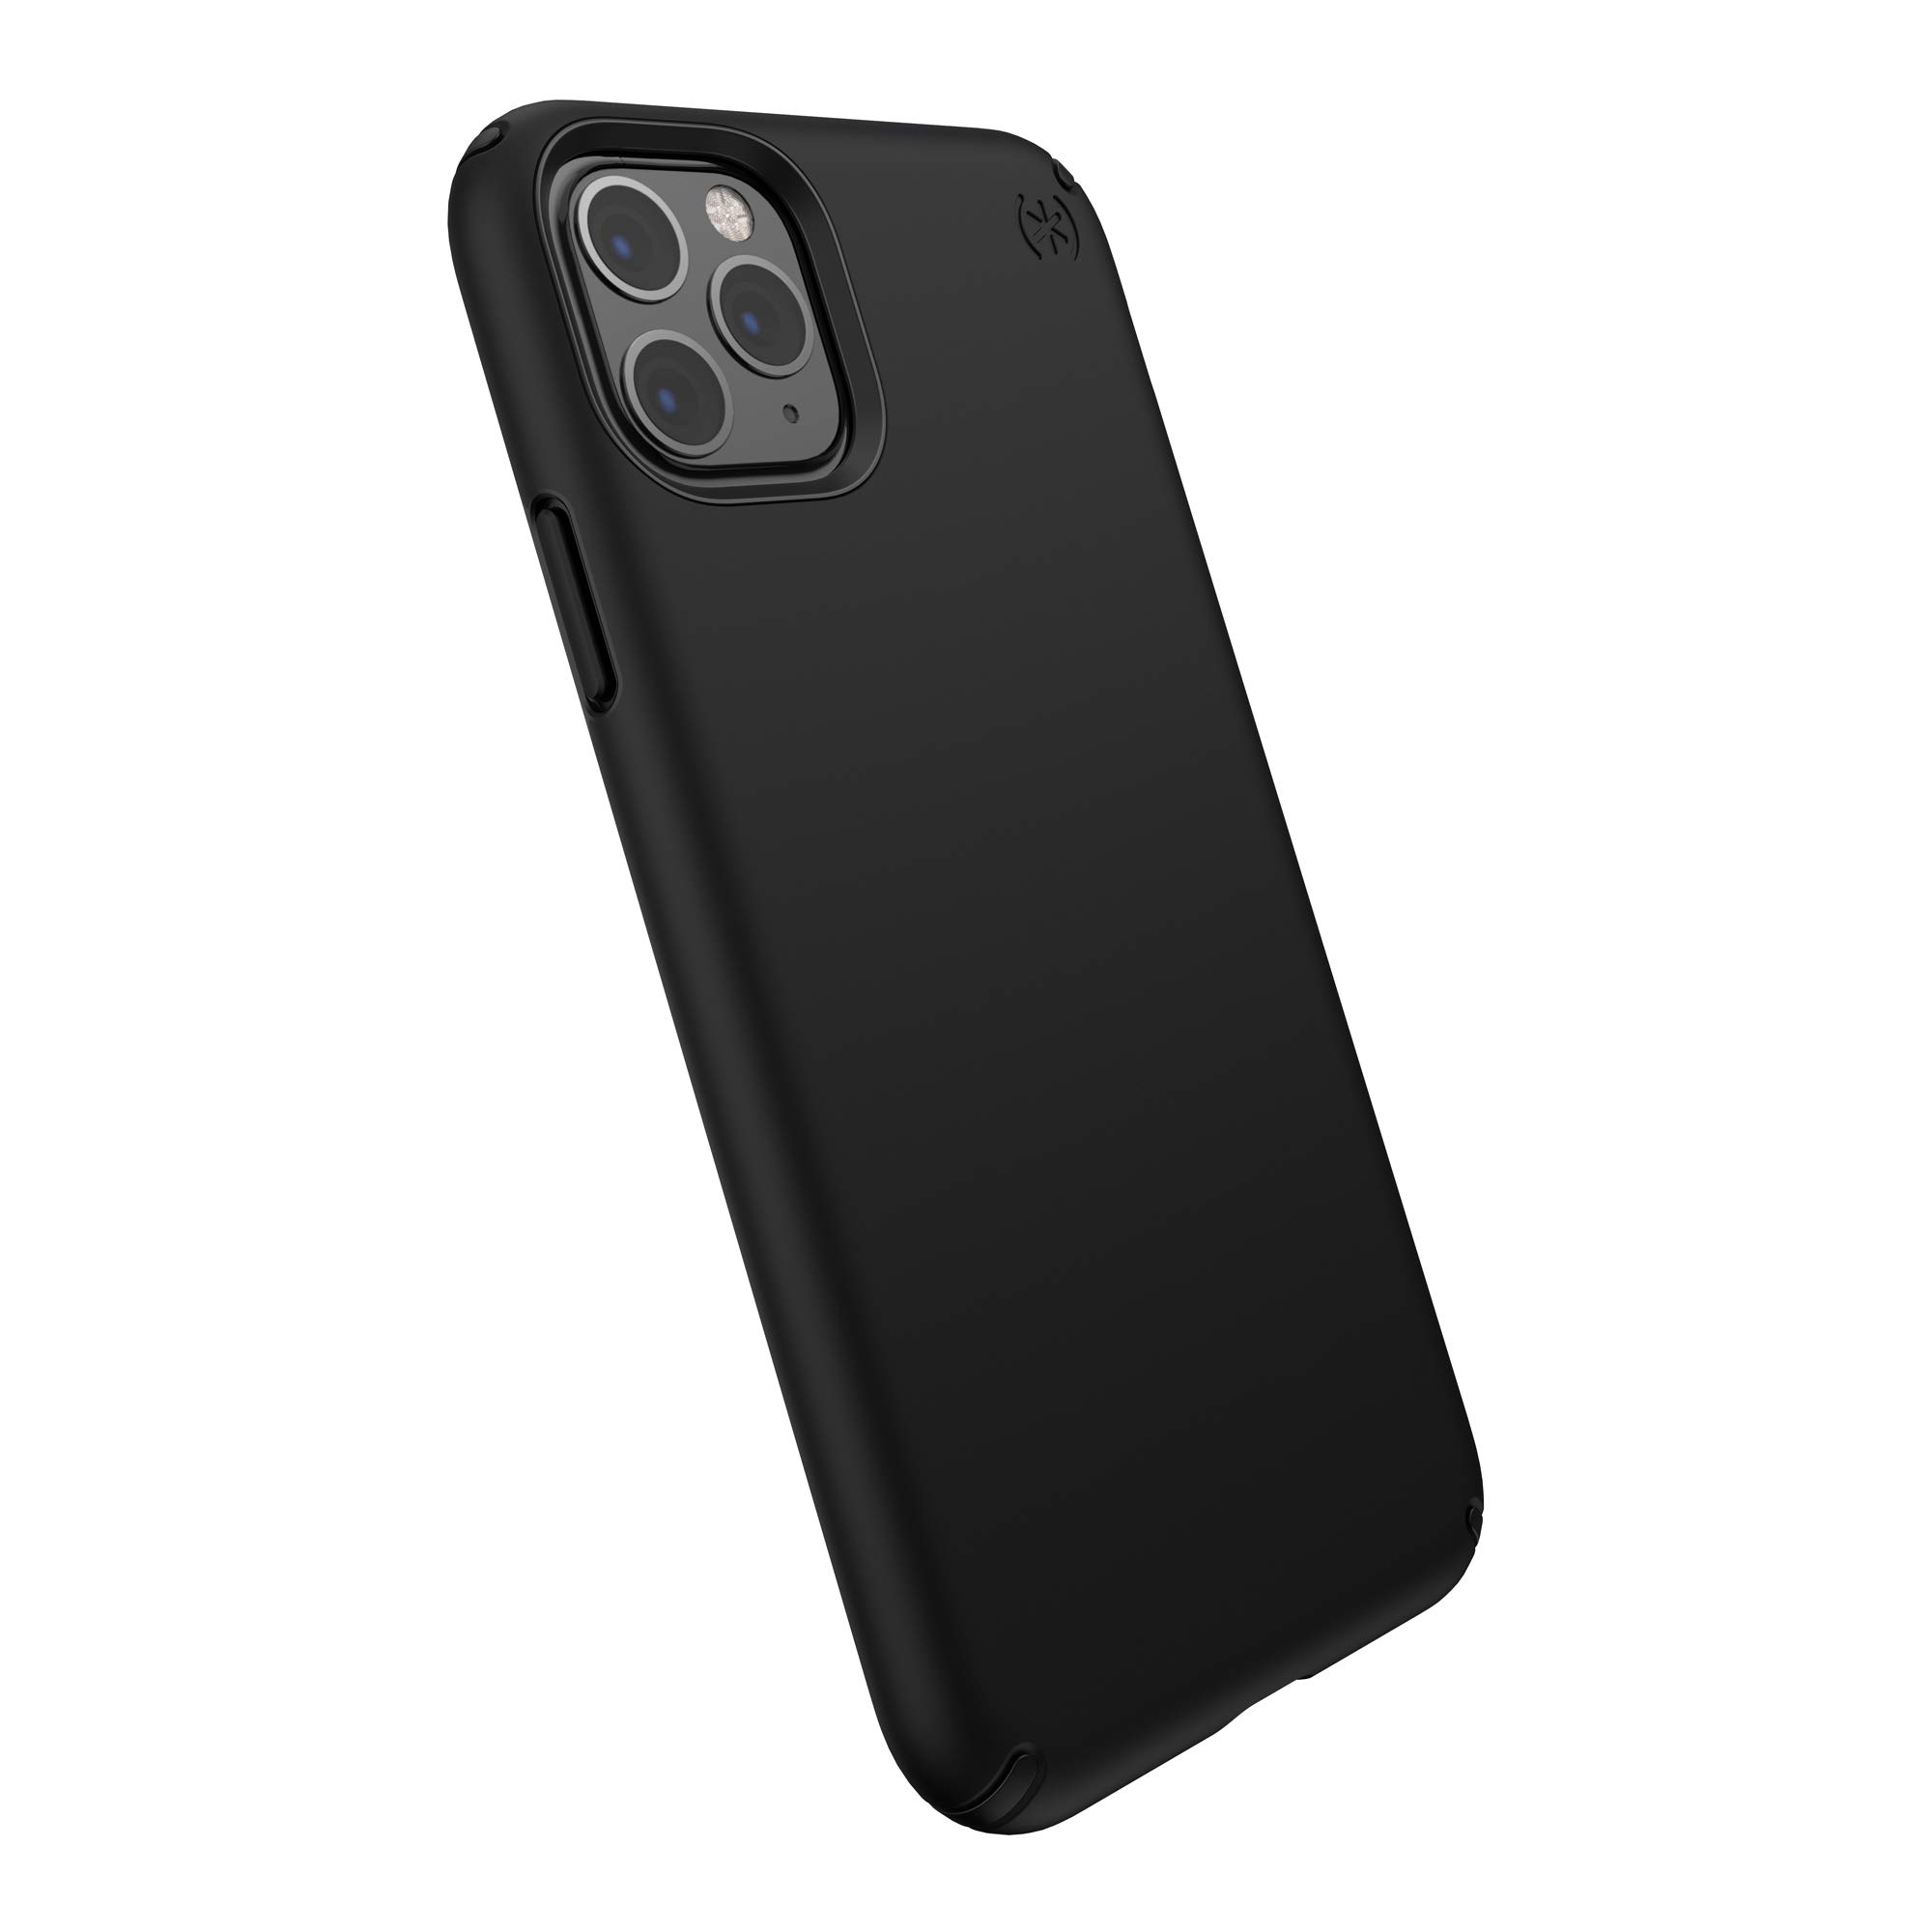 Speck Products Presidio Pro iPhone 11 Pro Max Case, Black/Black